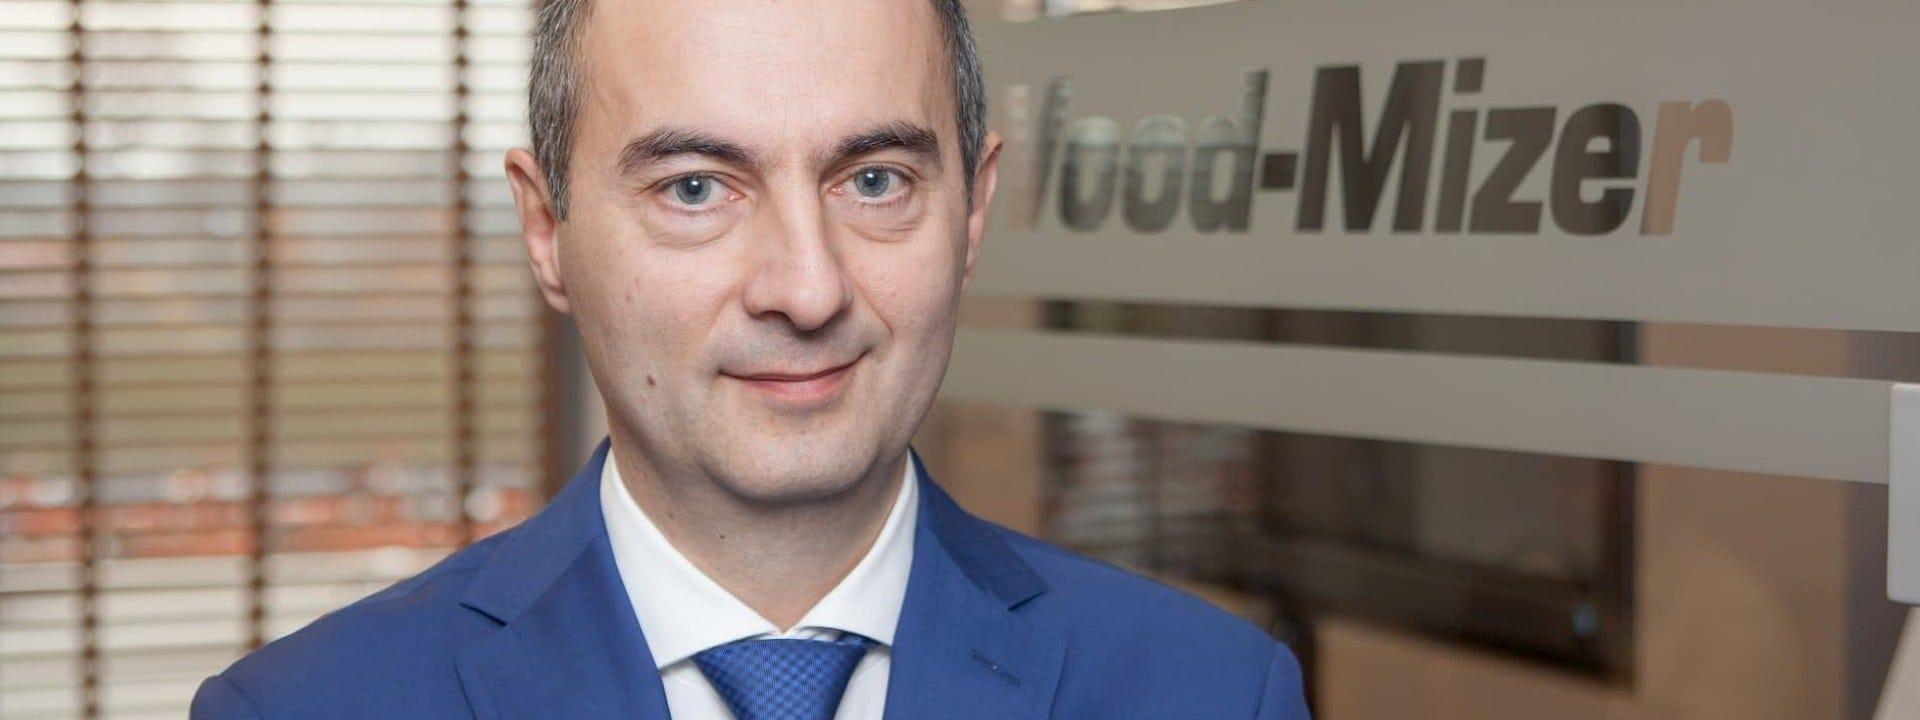 Pan Krzysztof Kropidłowski, Dyrektor Handlowy w firmie Wood-Mizer Industries Polska